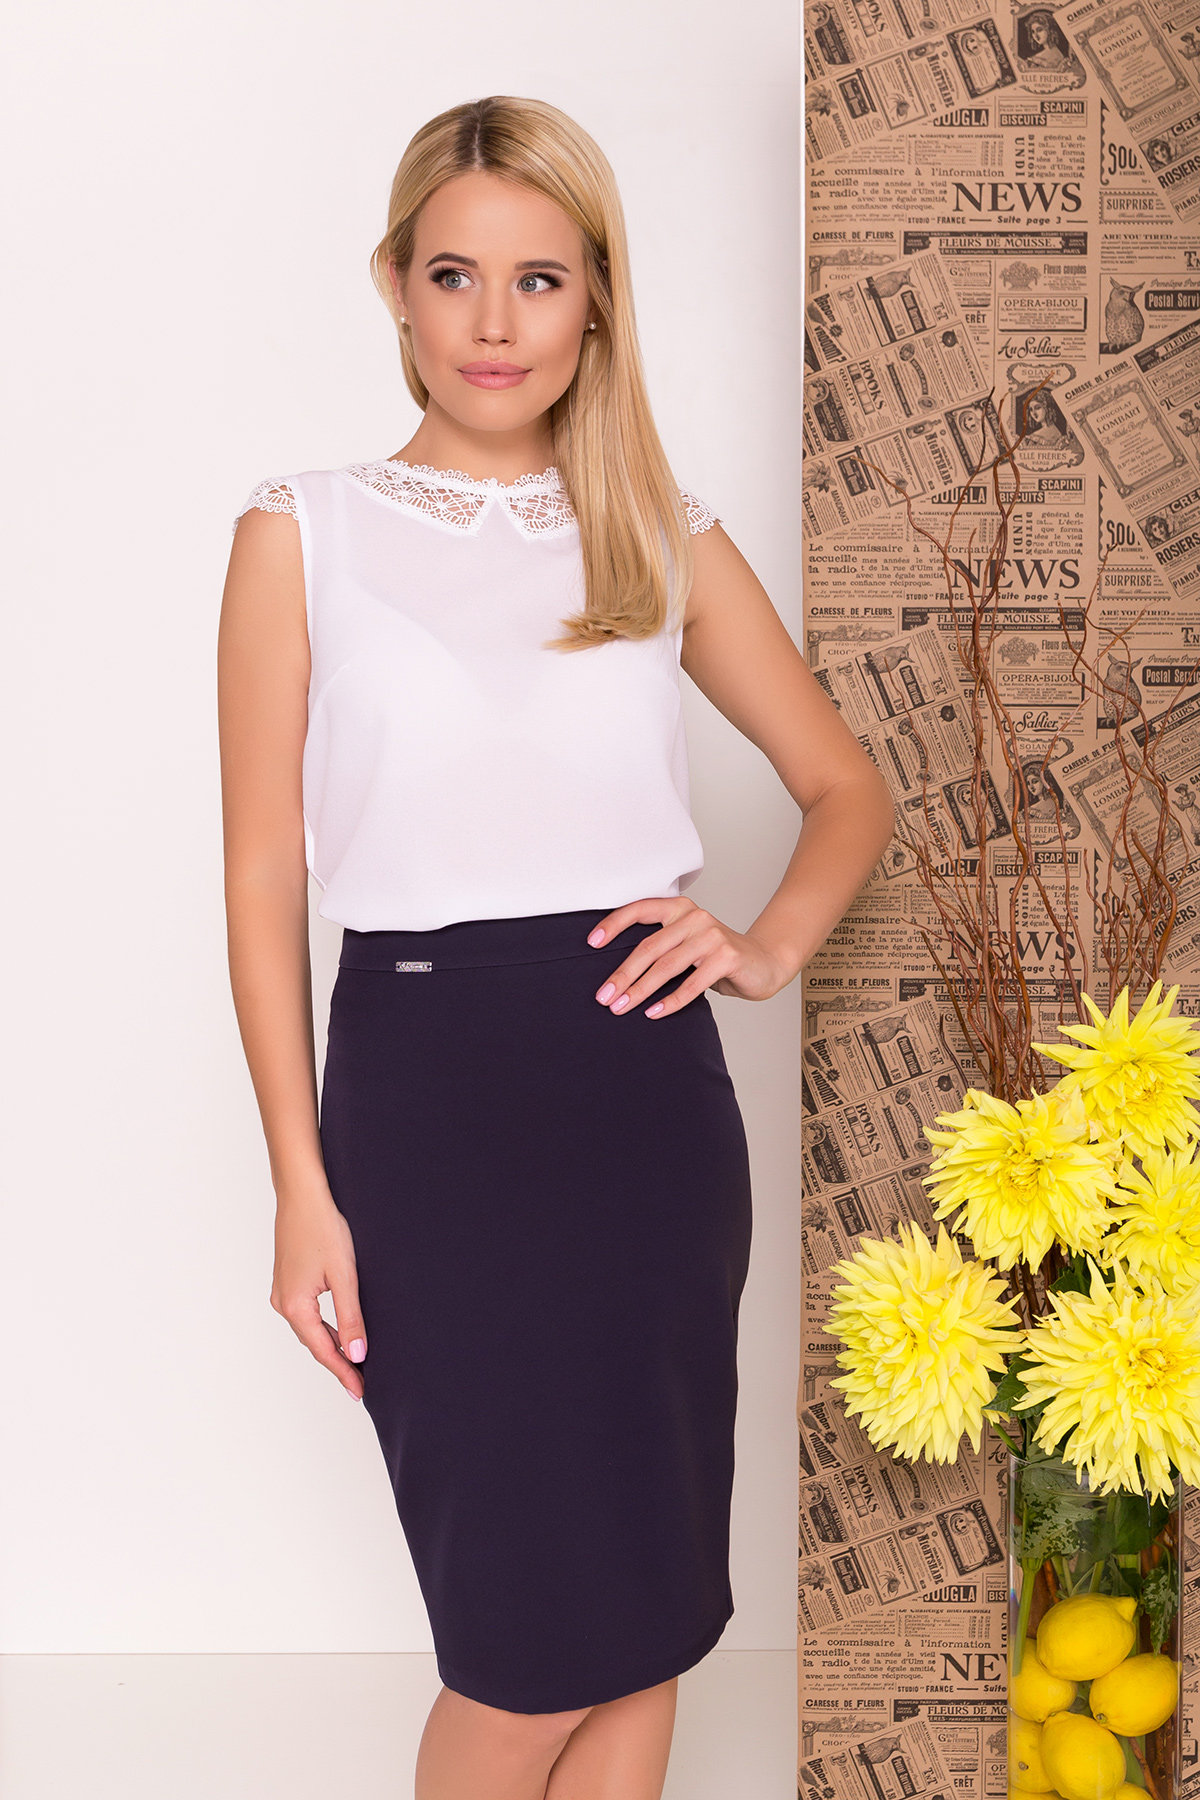 Блуза Алмея 7662 АРТ. 43605 Цвет: Белый (1) - фото 4, интернет магазин tm-modus.ru